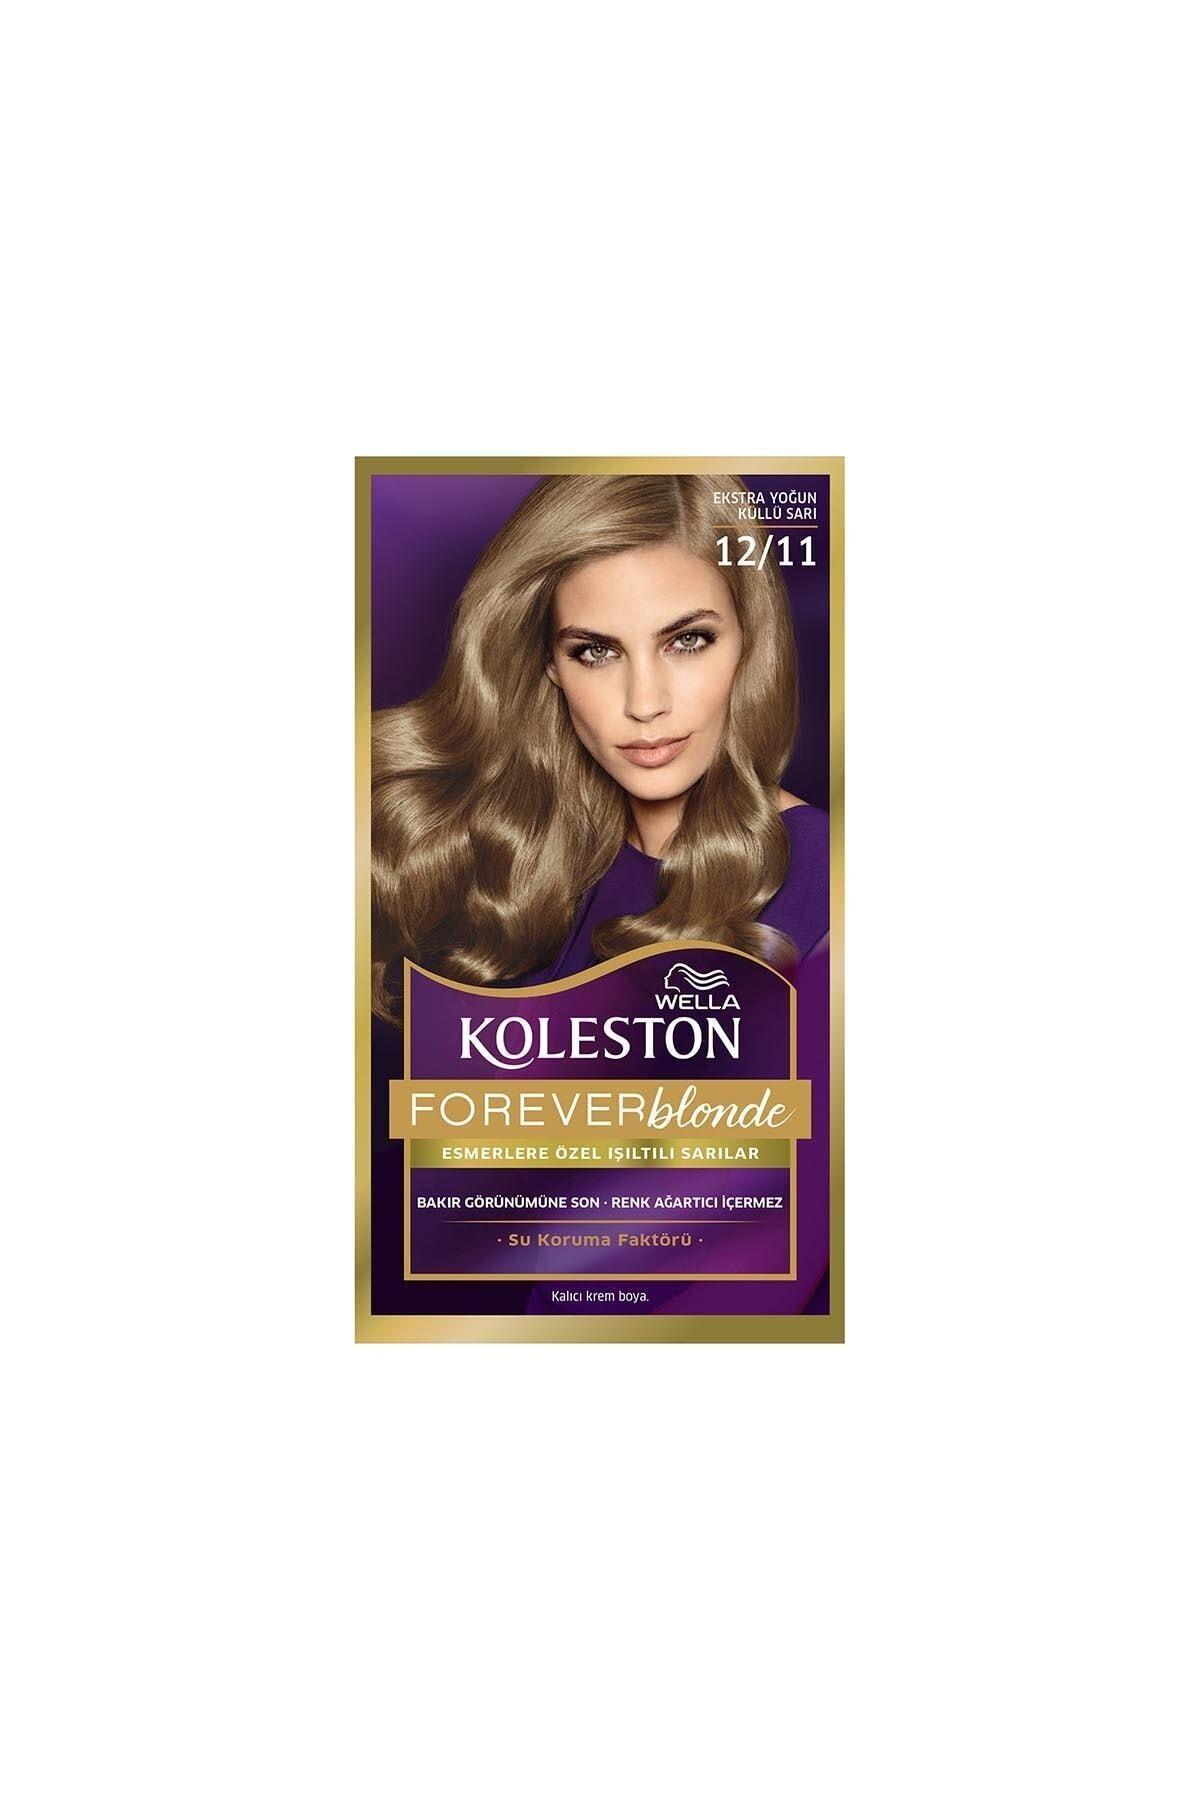 Koleston Saç Boyası 12 11 Ekstra Yoğun Küllü Sarı 1